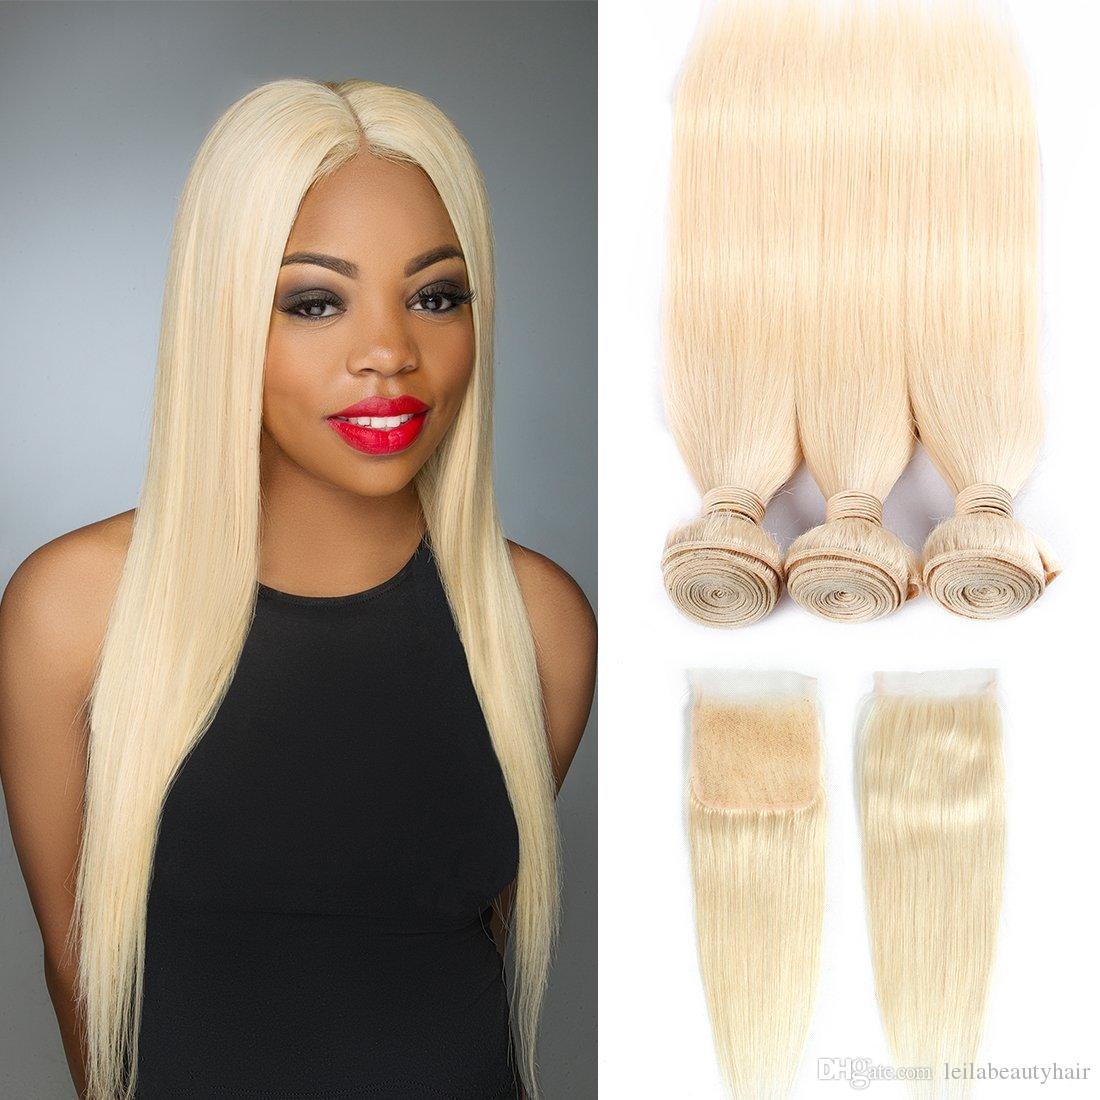 Tessuto brasiliano per capelli Leila Remy di colore biondo con chiusura in stile dritto capelli umani 3 fasci con chiusura in pizzo 613